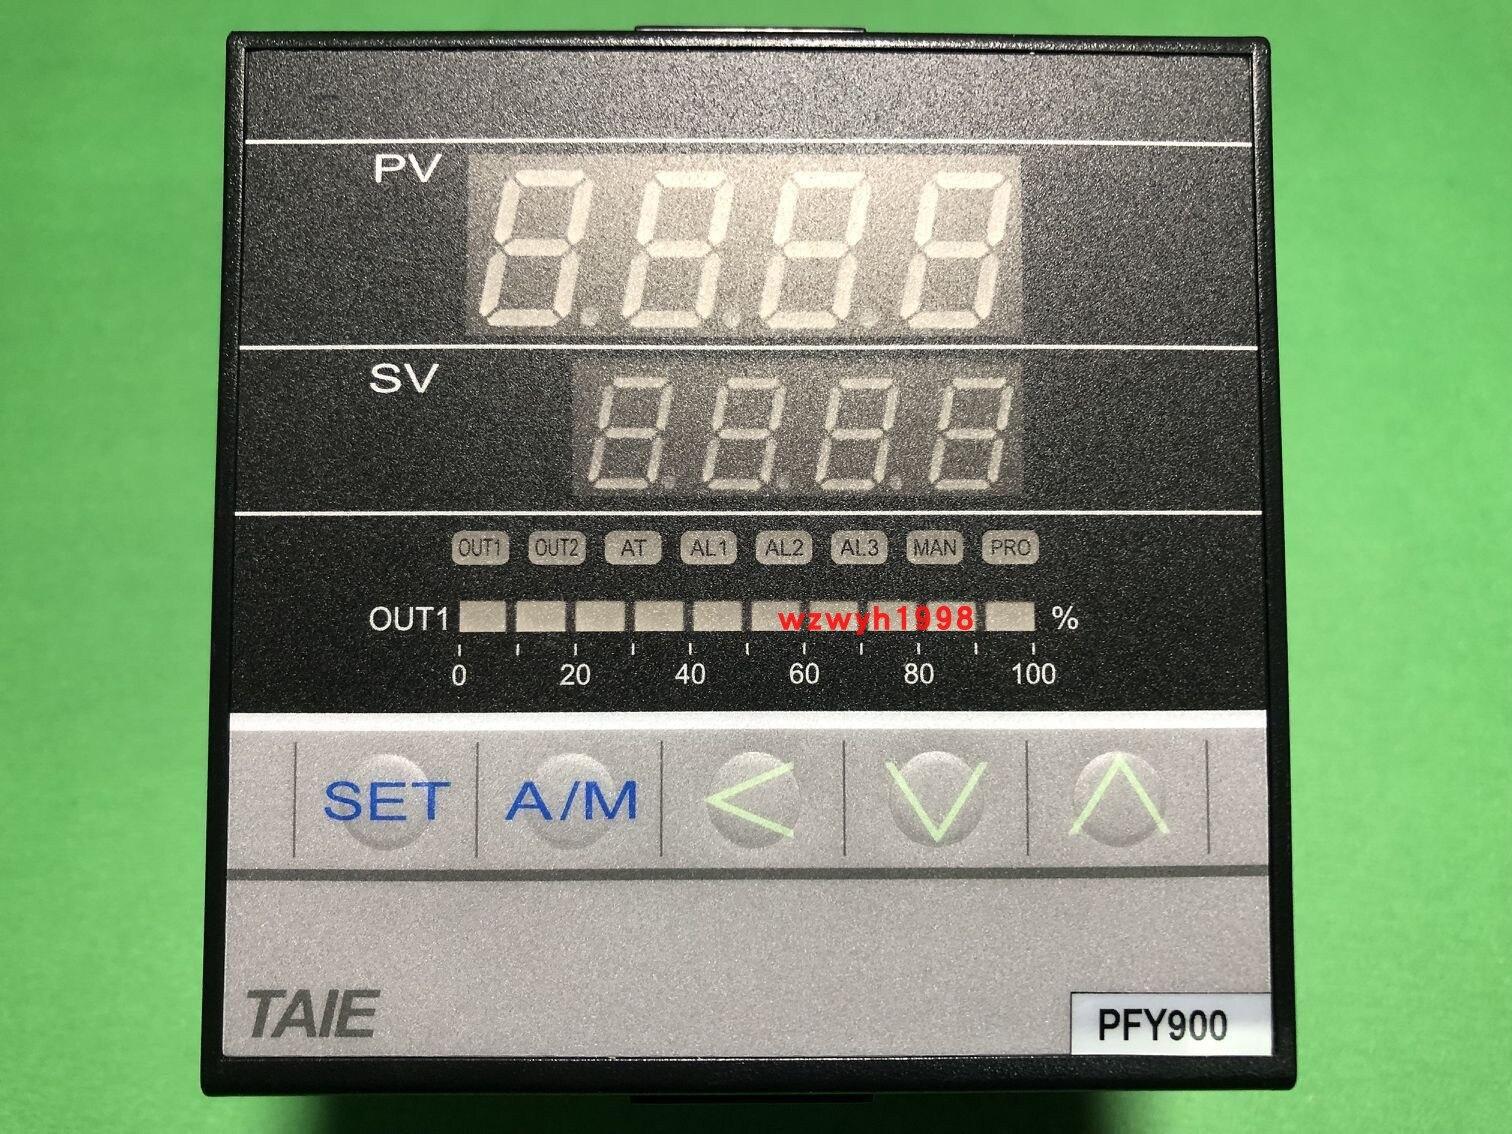 القرب التبديل بس M08EE-POC20B-S49G-003 ثلاثة أسلاك بنب عادة مغلقة الاستشعار BES00CF